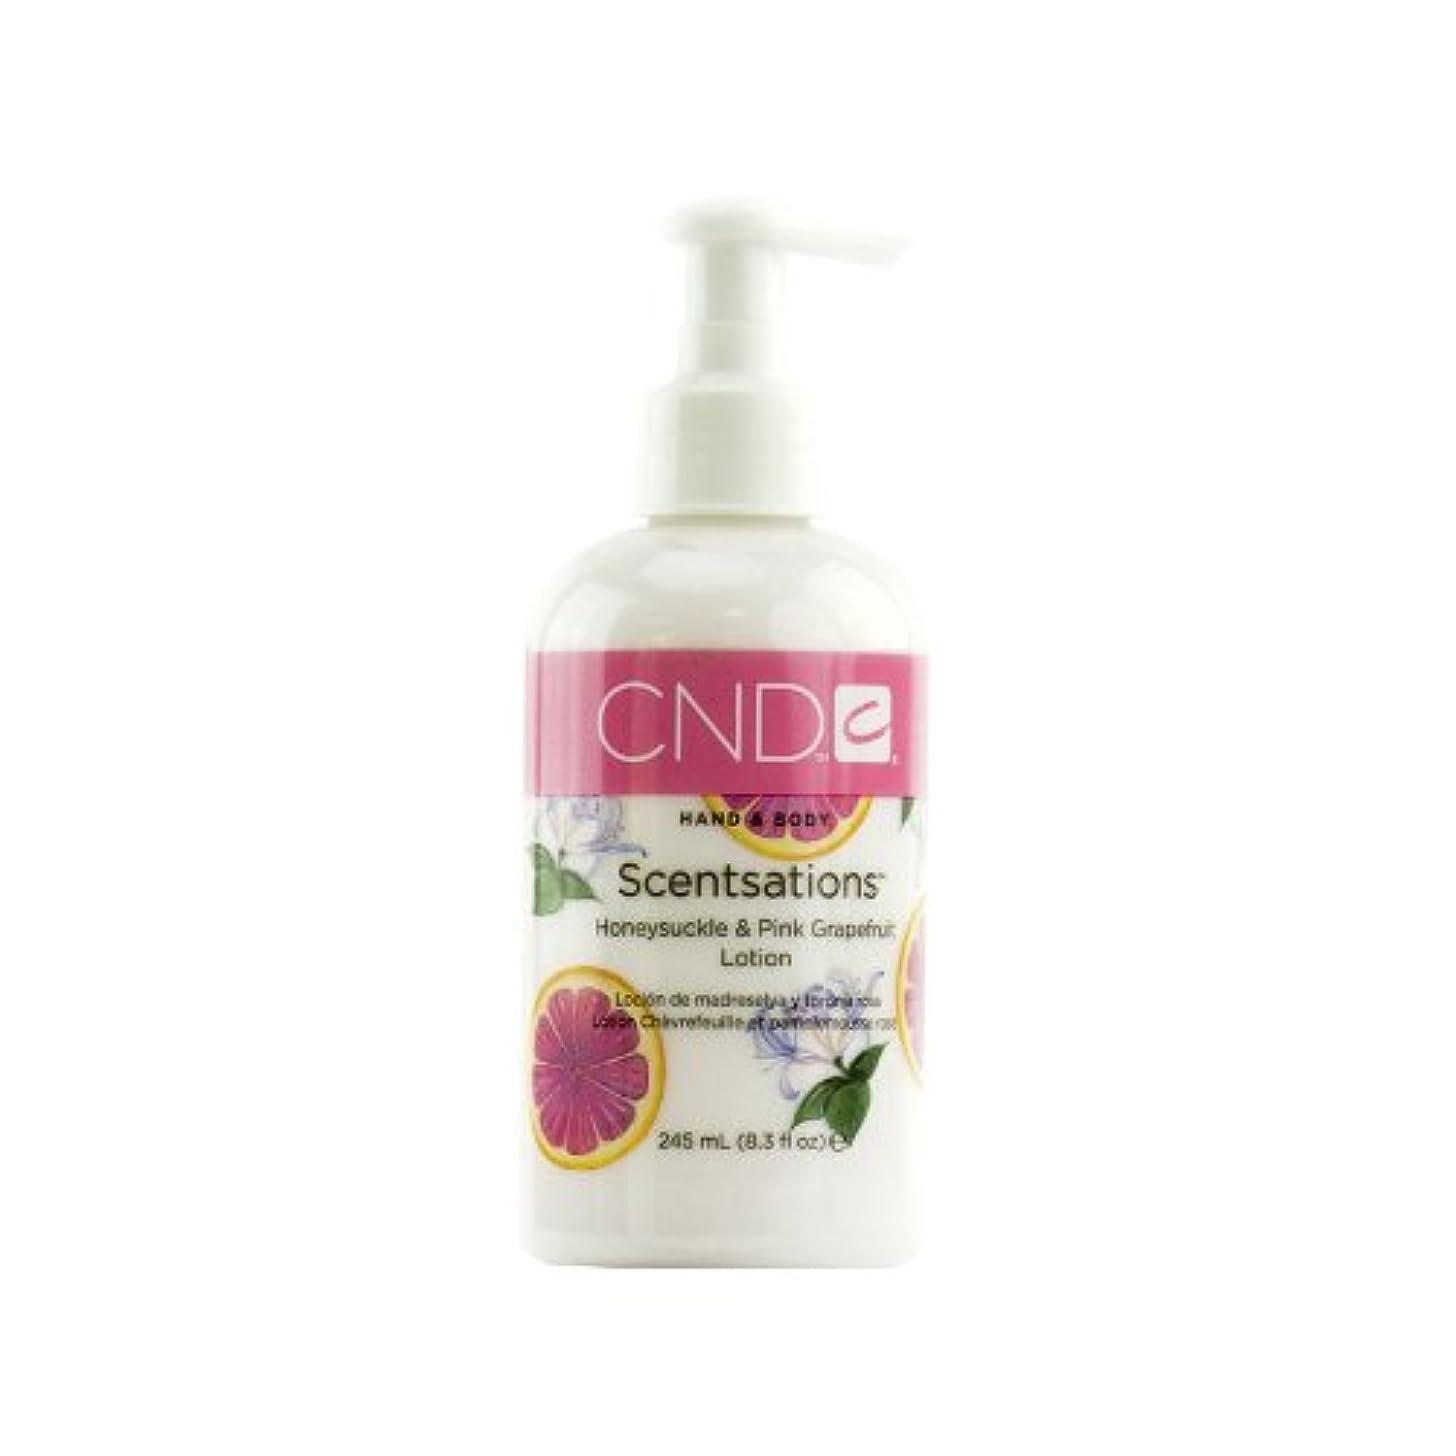 常にパンツレモンCND センセーション ハンド&ボディローション ハニーサックル&ピンクグレープフルーツ 245ml みずみずしいフェミニンな香り